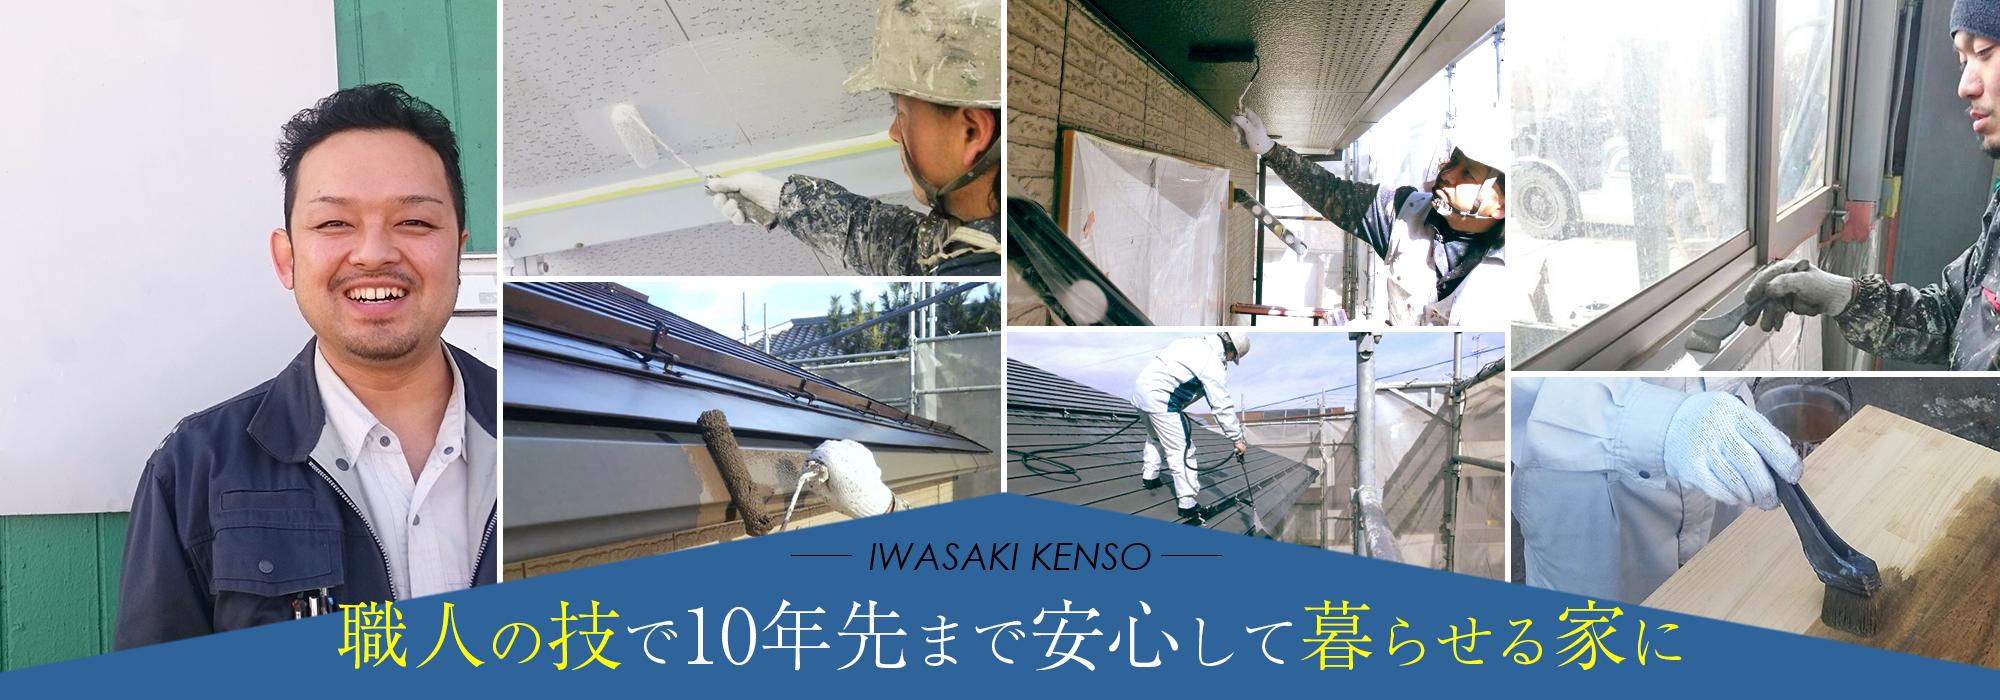 岩﨑建装の職人技で10年先まで安心して暮らせる家にリノベーション